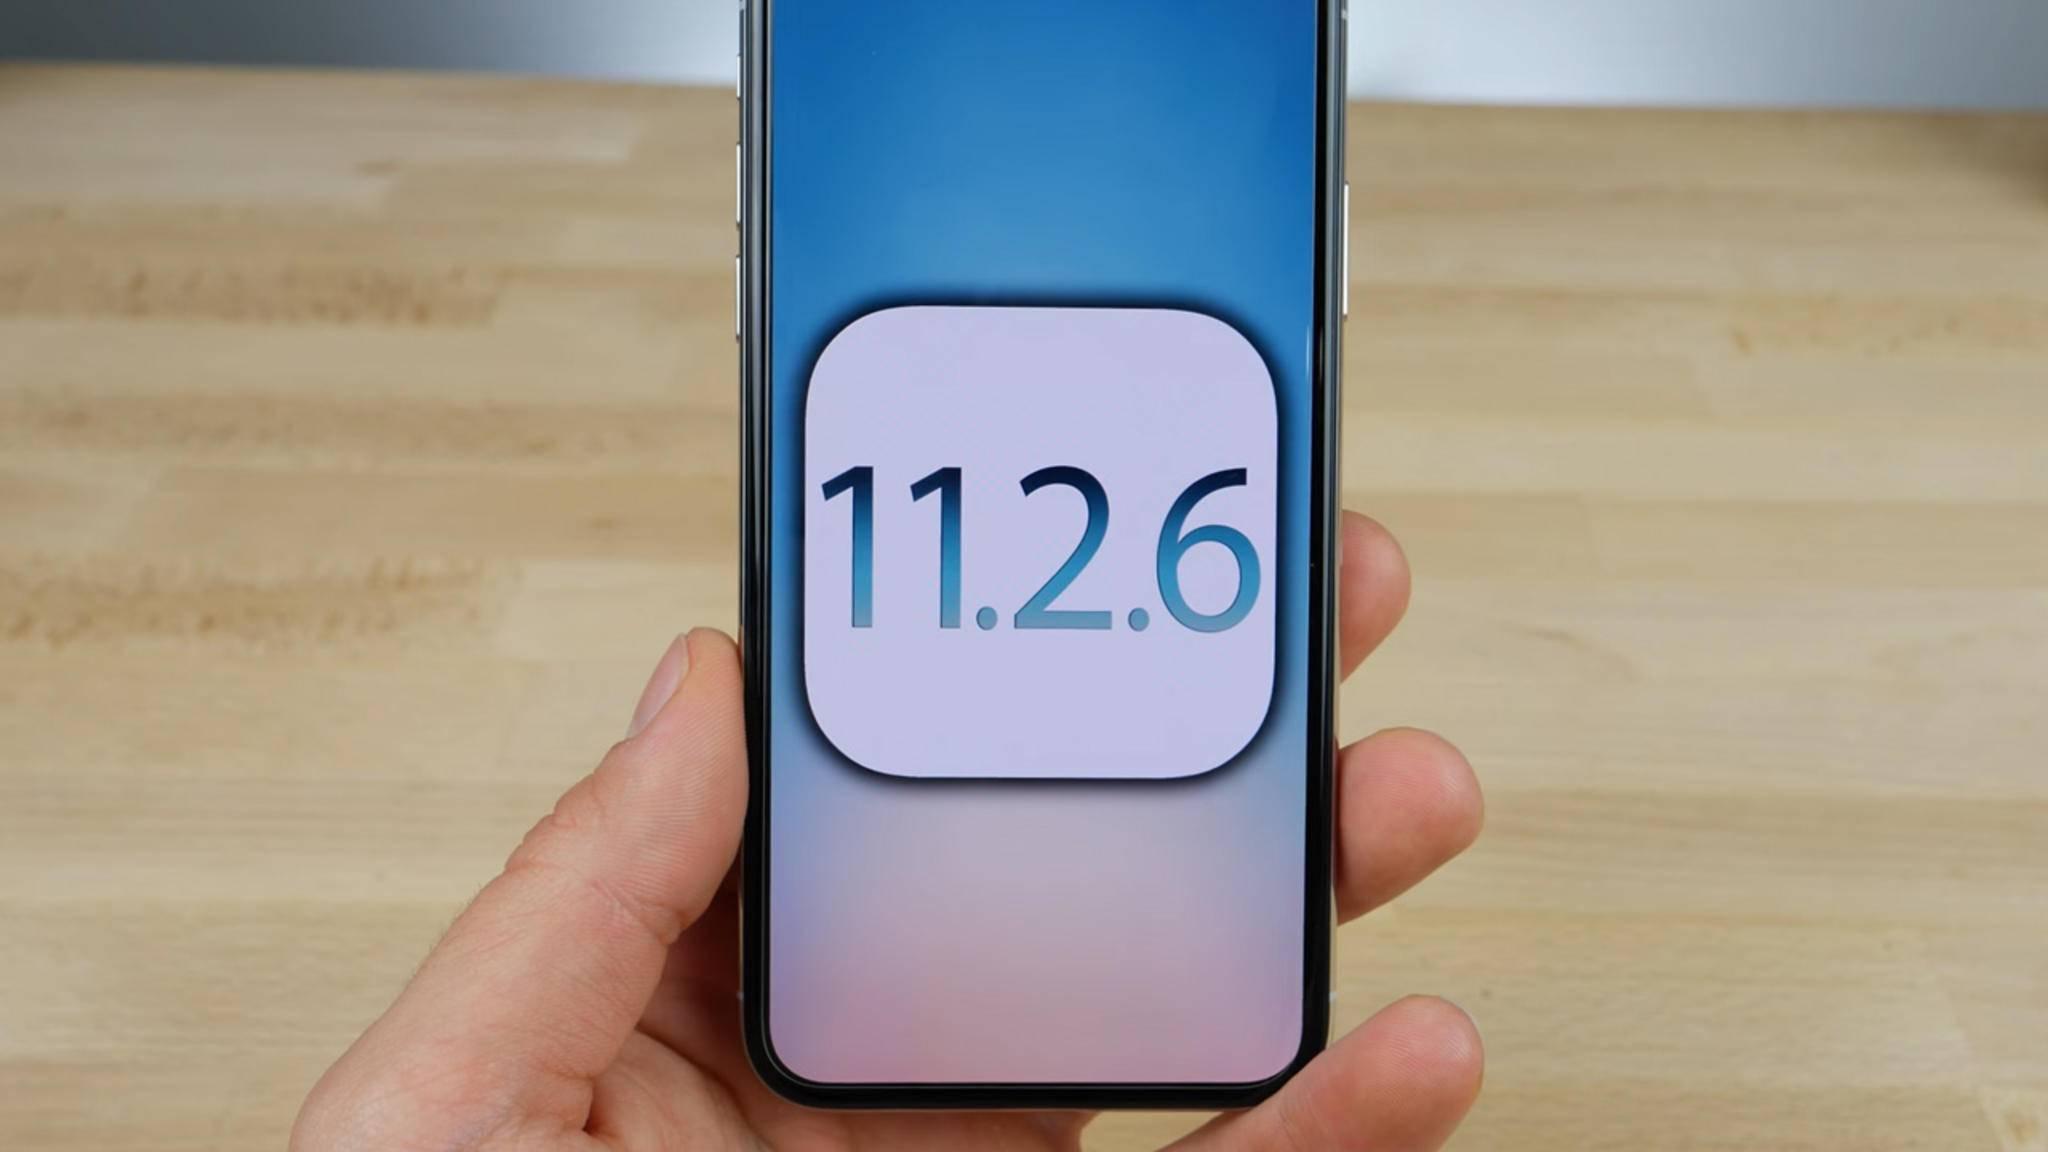 iOS 11.2.6 ist die derzeit aktuellste Version von Apples mobilem Betriebssystem.